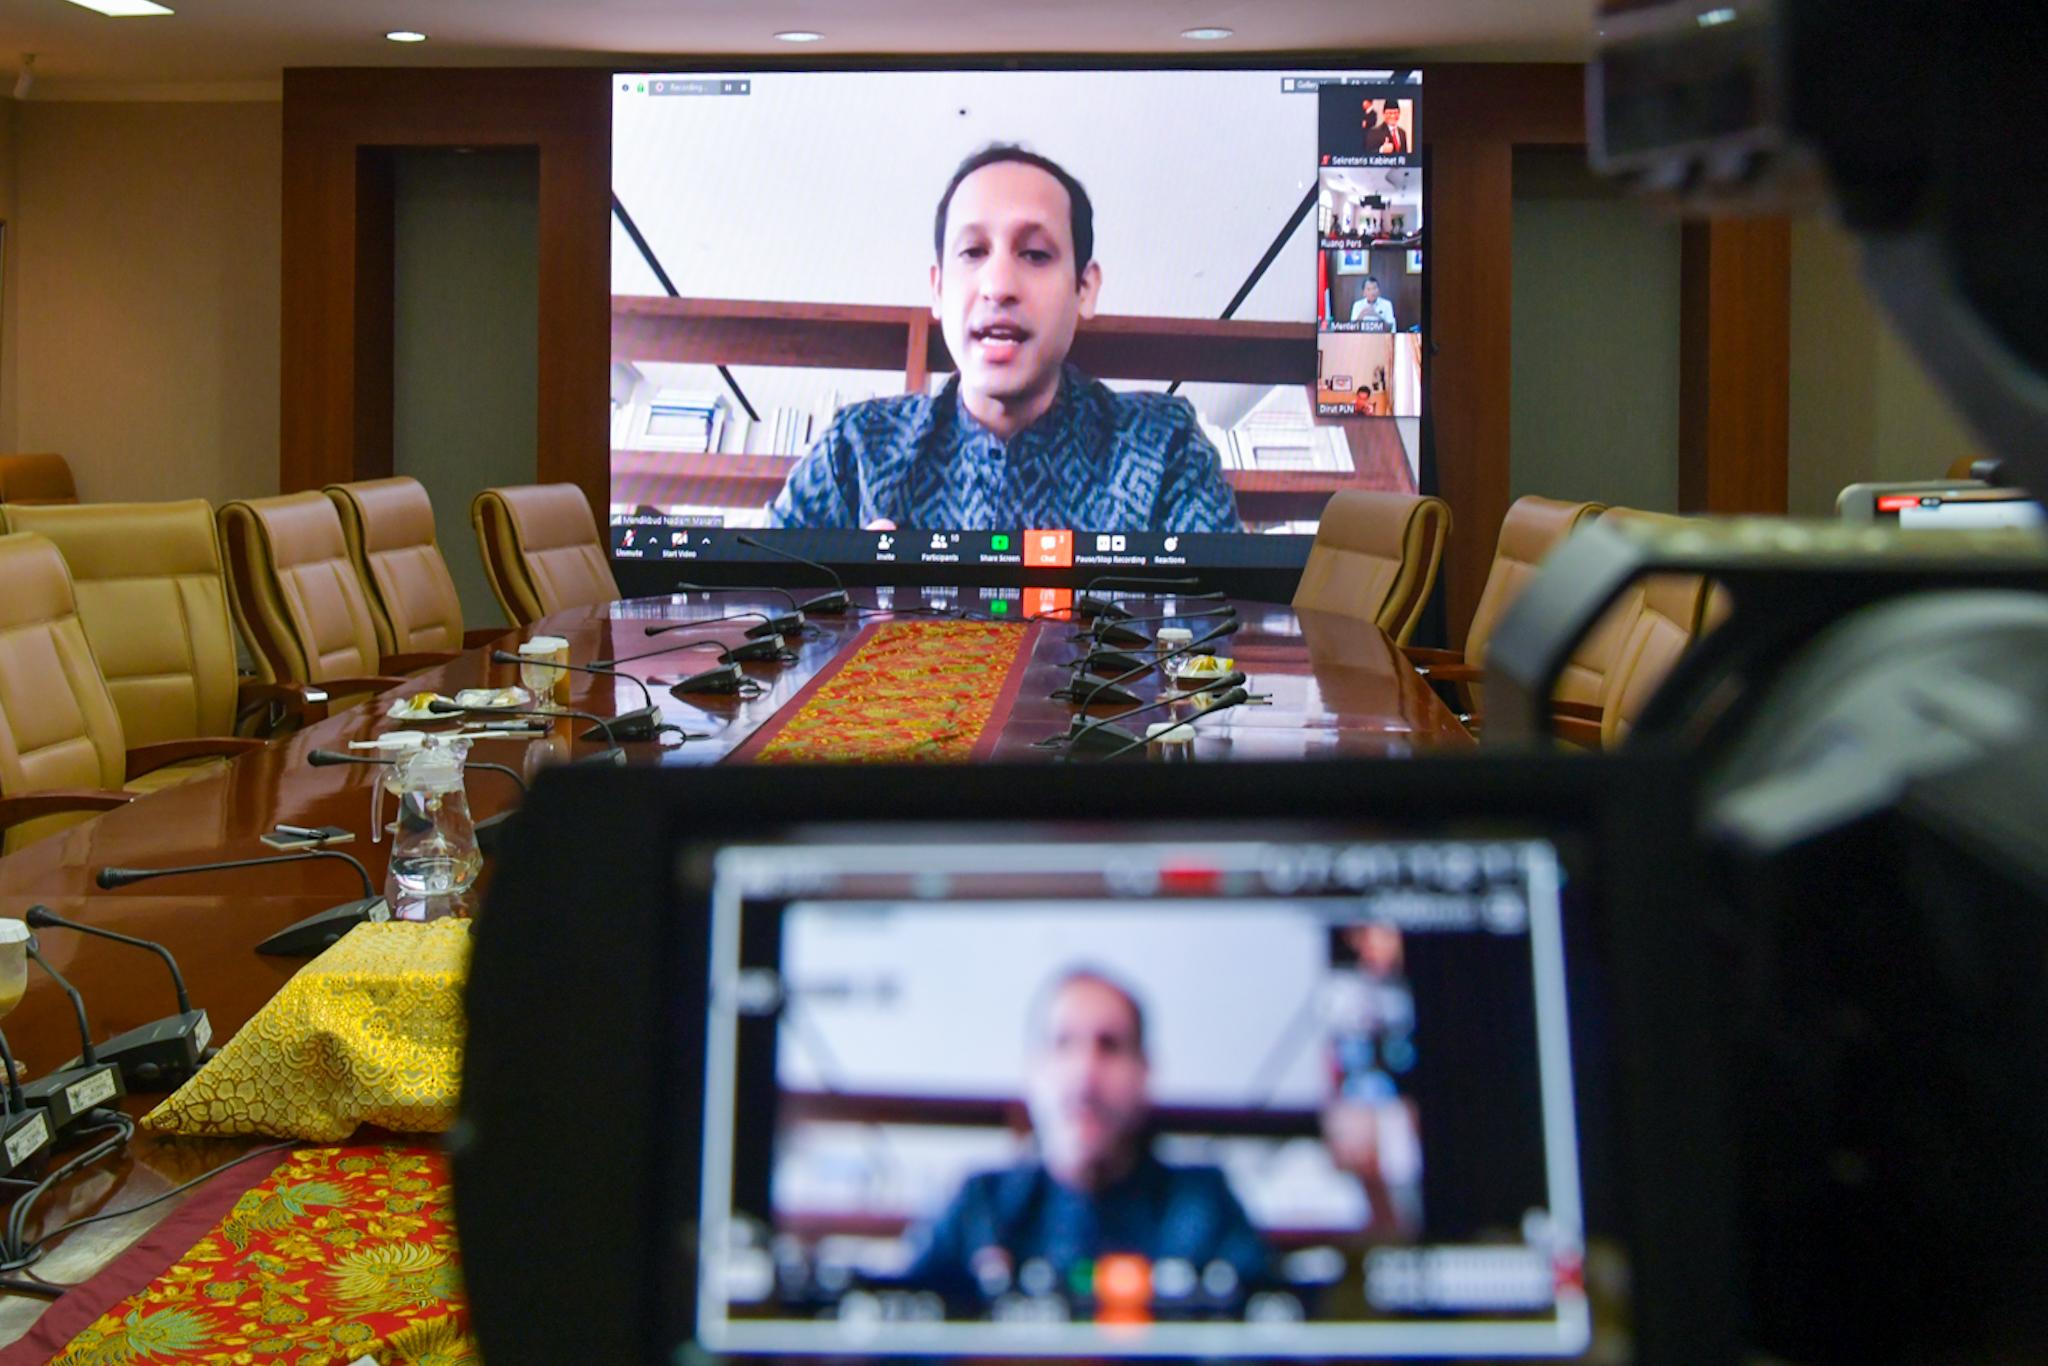 Mendikbud: Pelaksanaan Asesmen Nasional Diundur Jadi September 2021